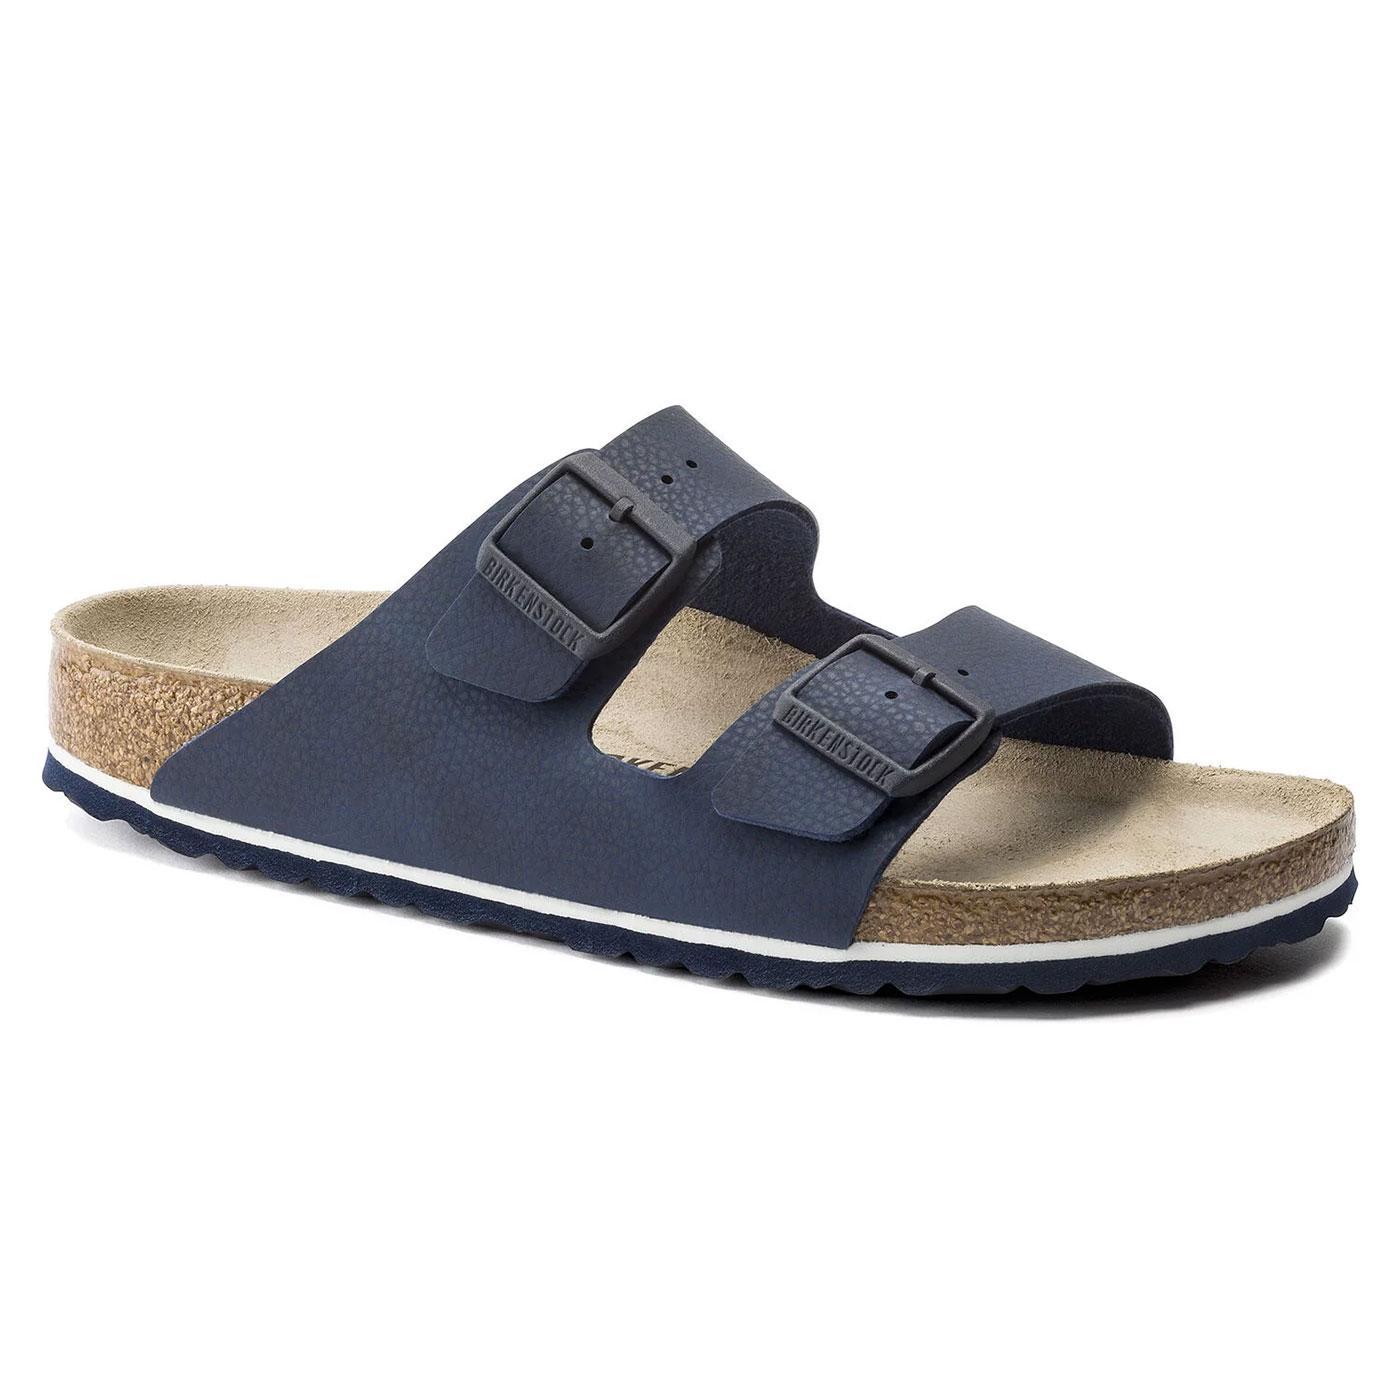 Arizona BIRKENSTOCK Men's Desert Soil Blue Sandals